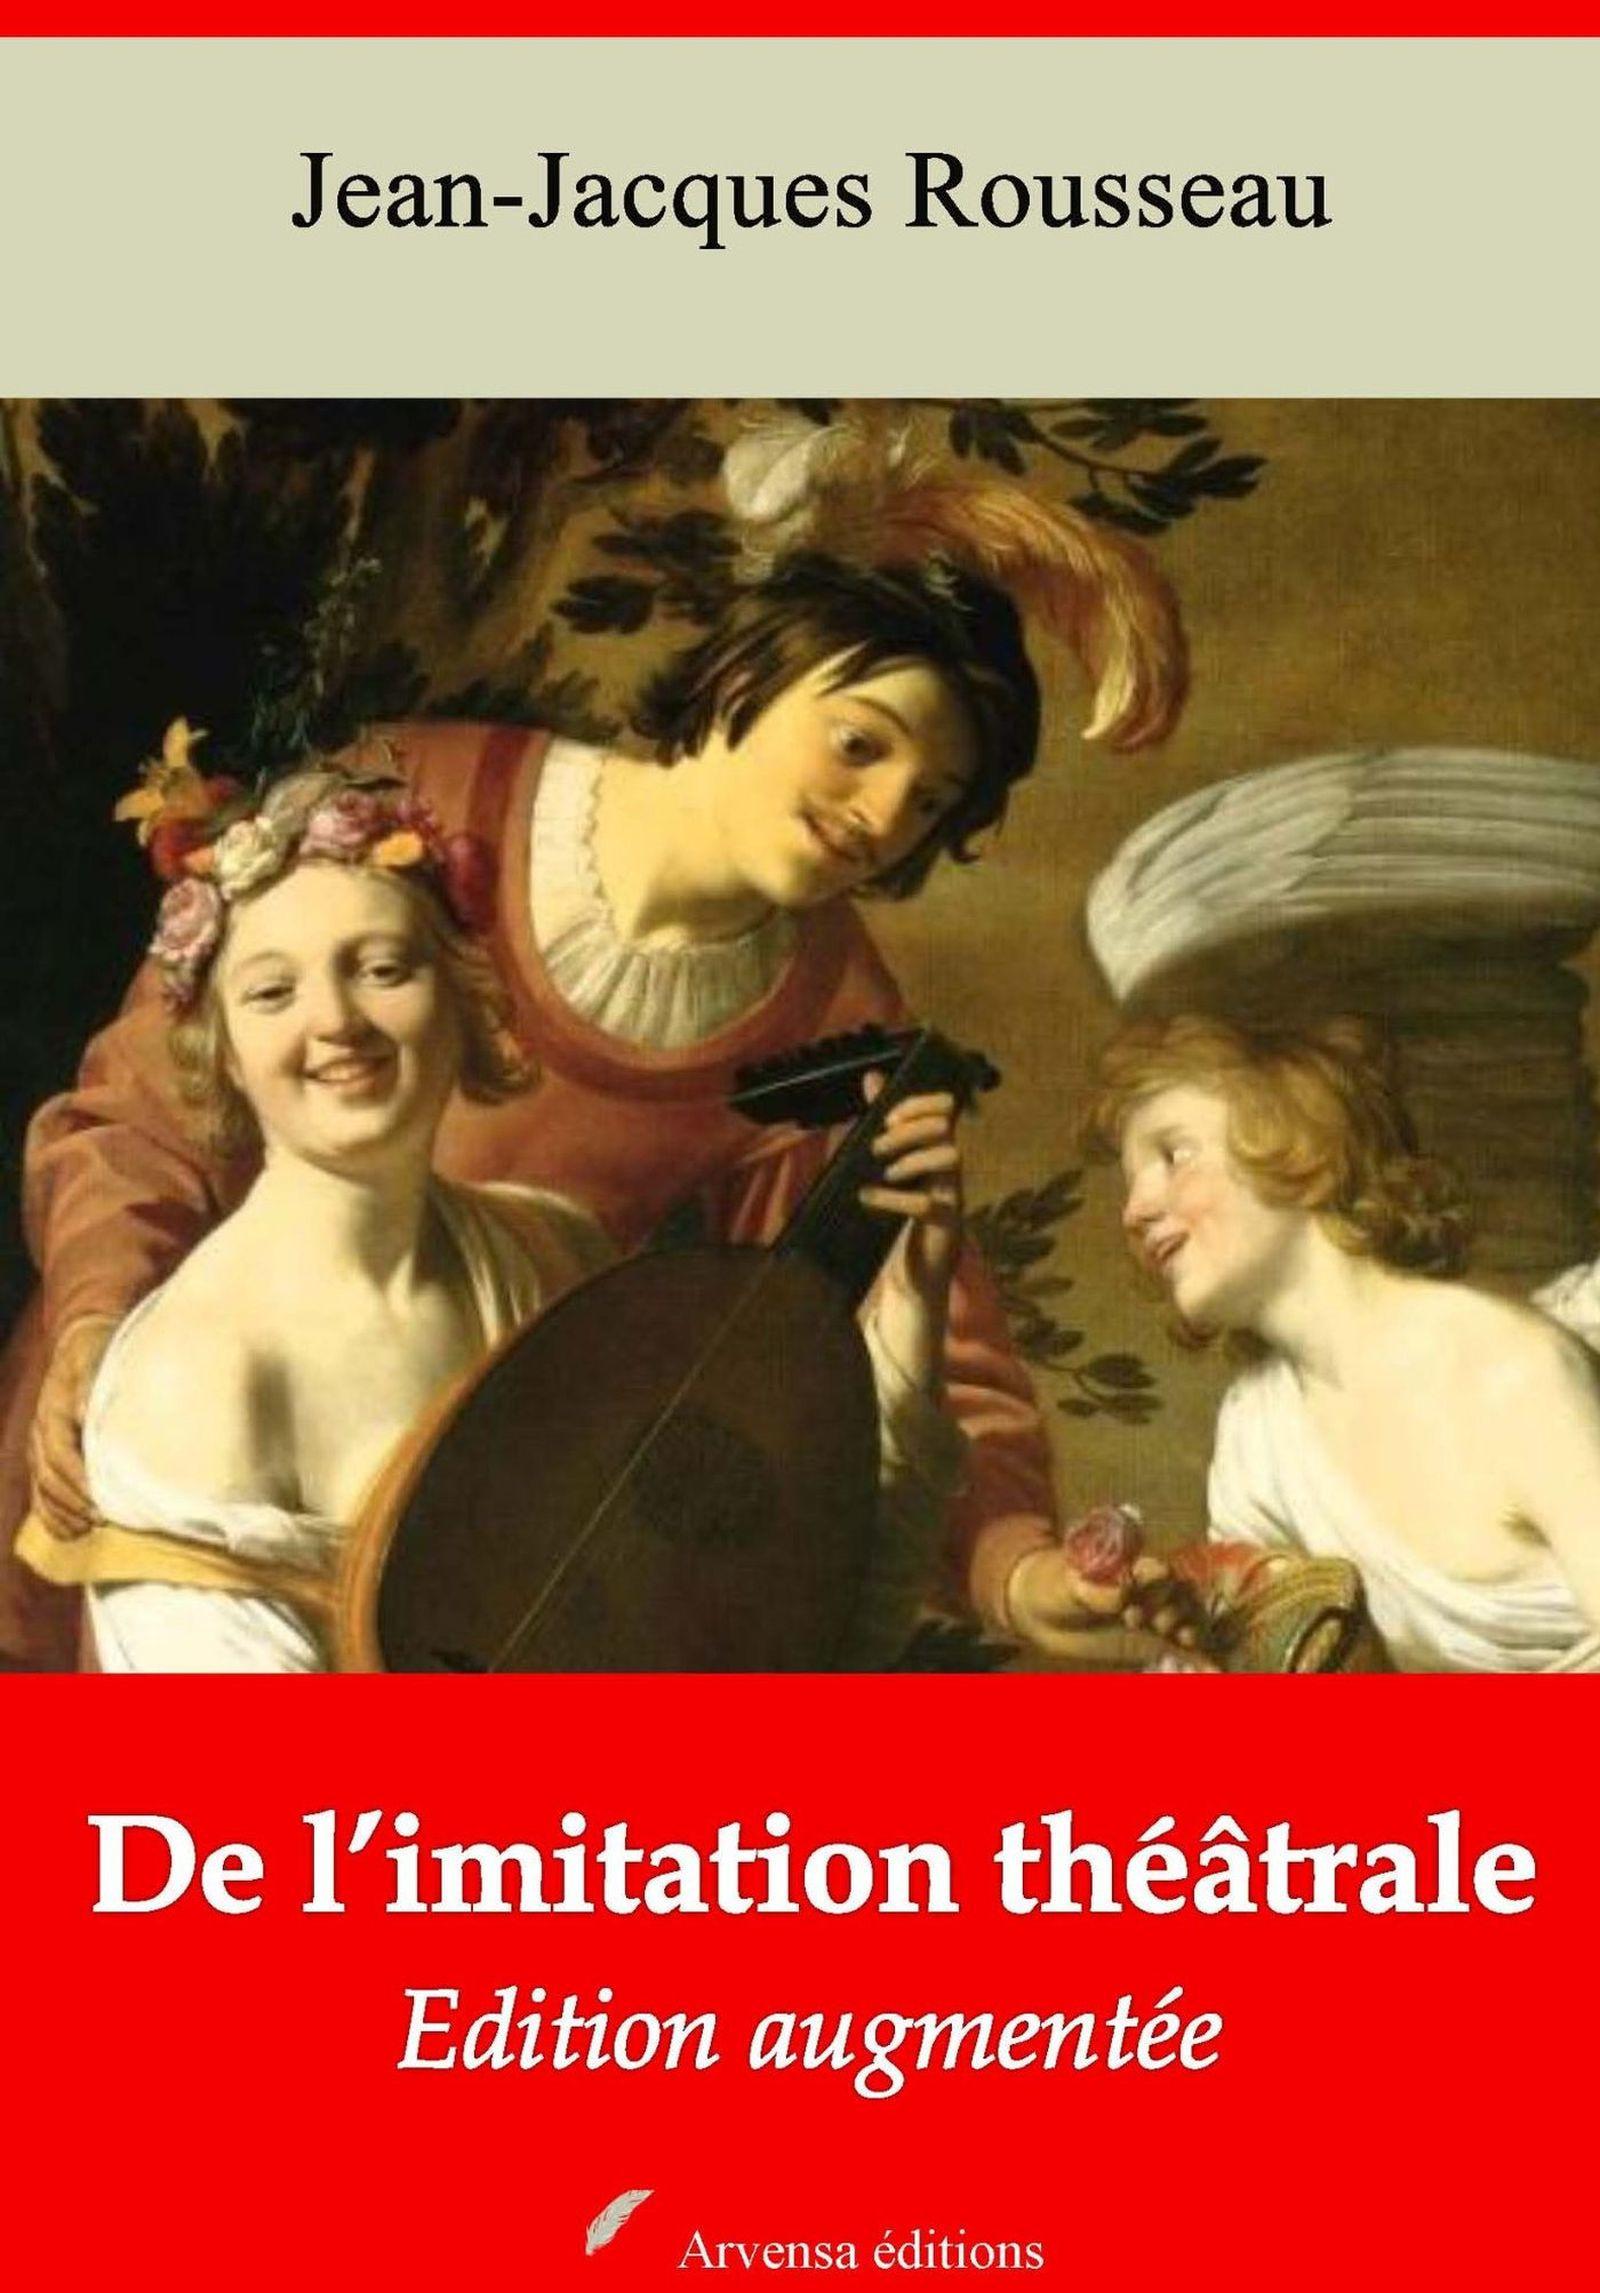 De l'imitation théâtrale - suivi d'annexes